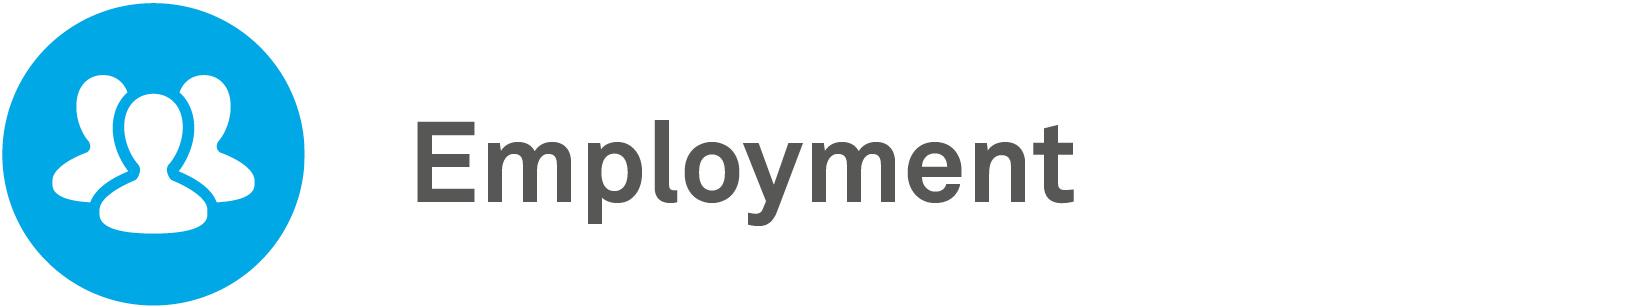 employment gri icon